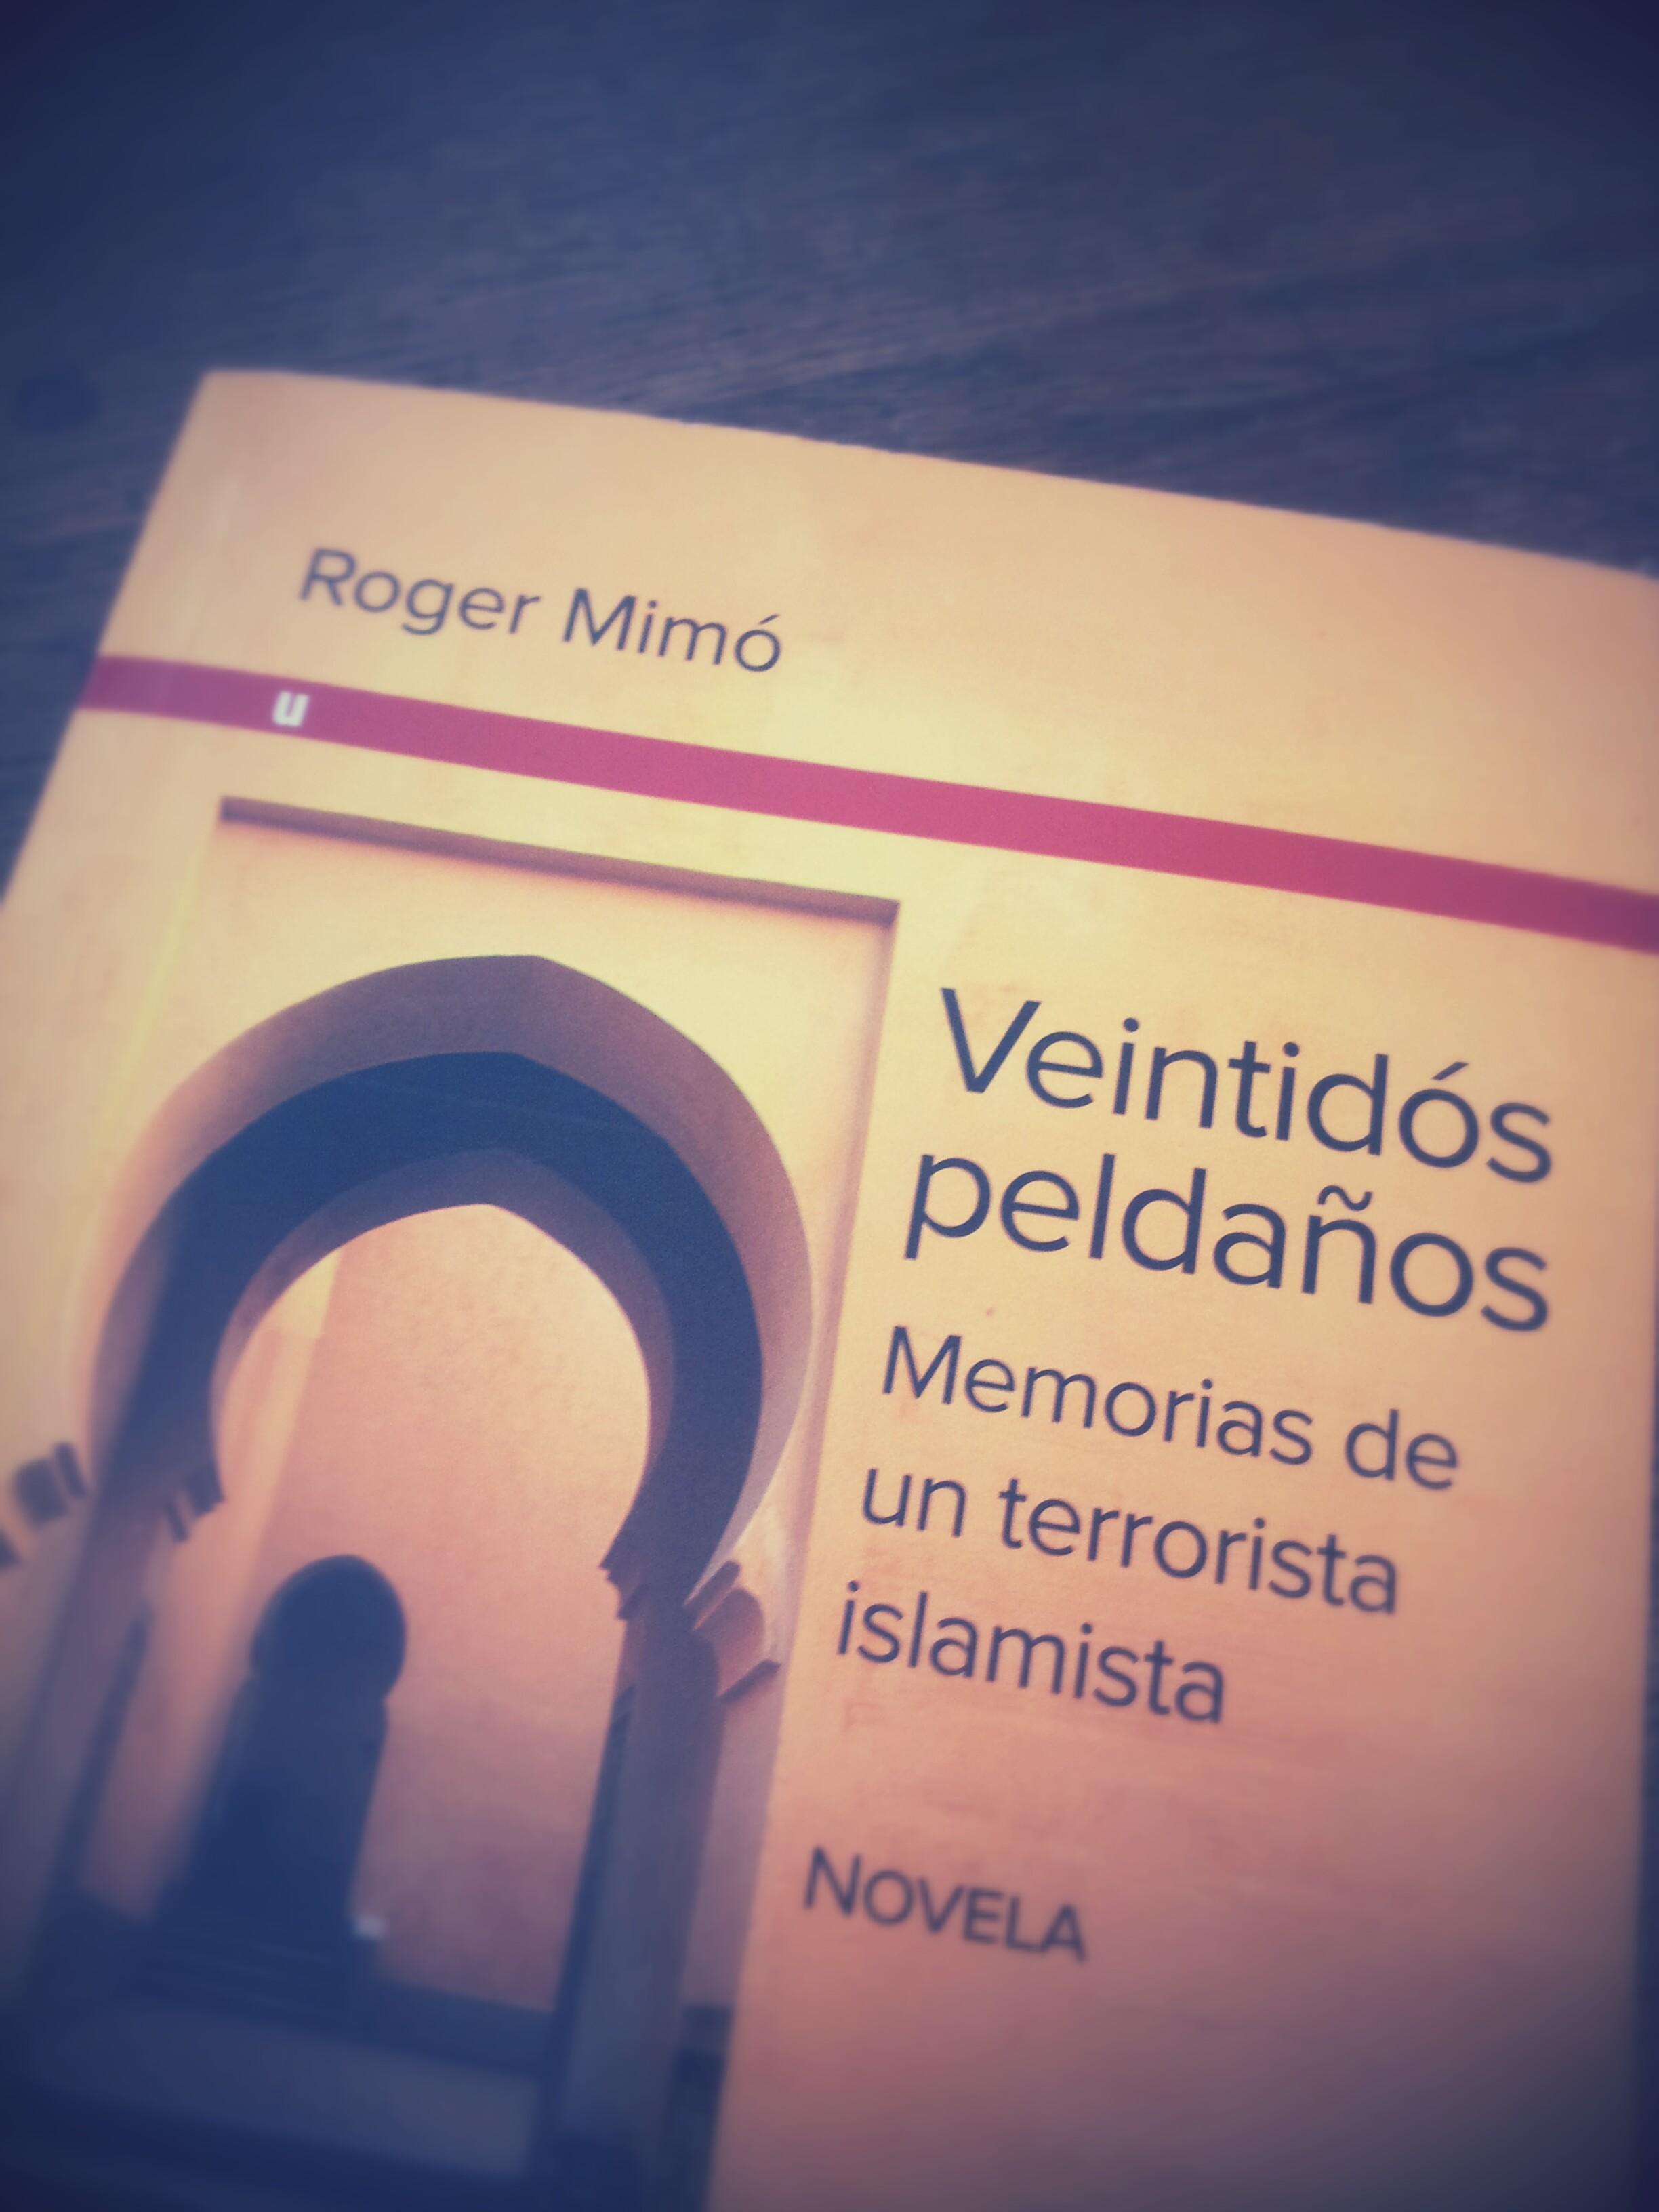 'Veintidós Peldaños' de Roger Mimó, una reseña de Dominique Bertholet para Comunica o Muere